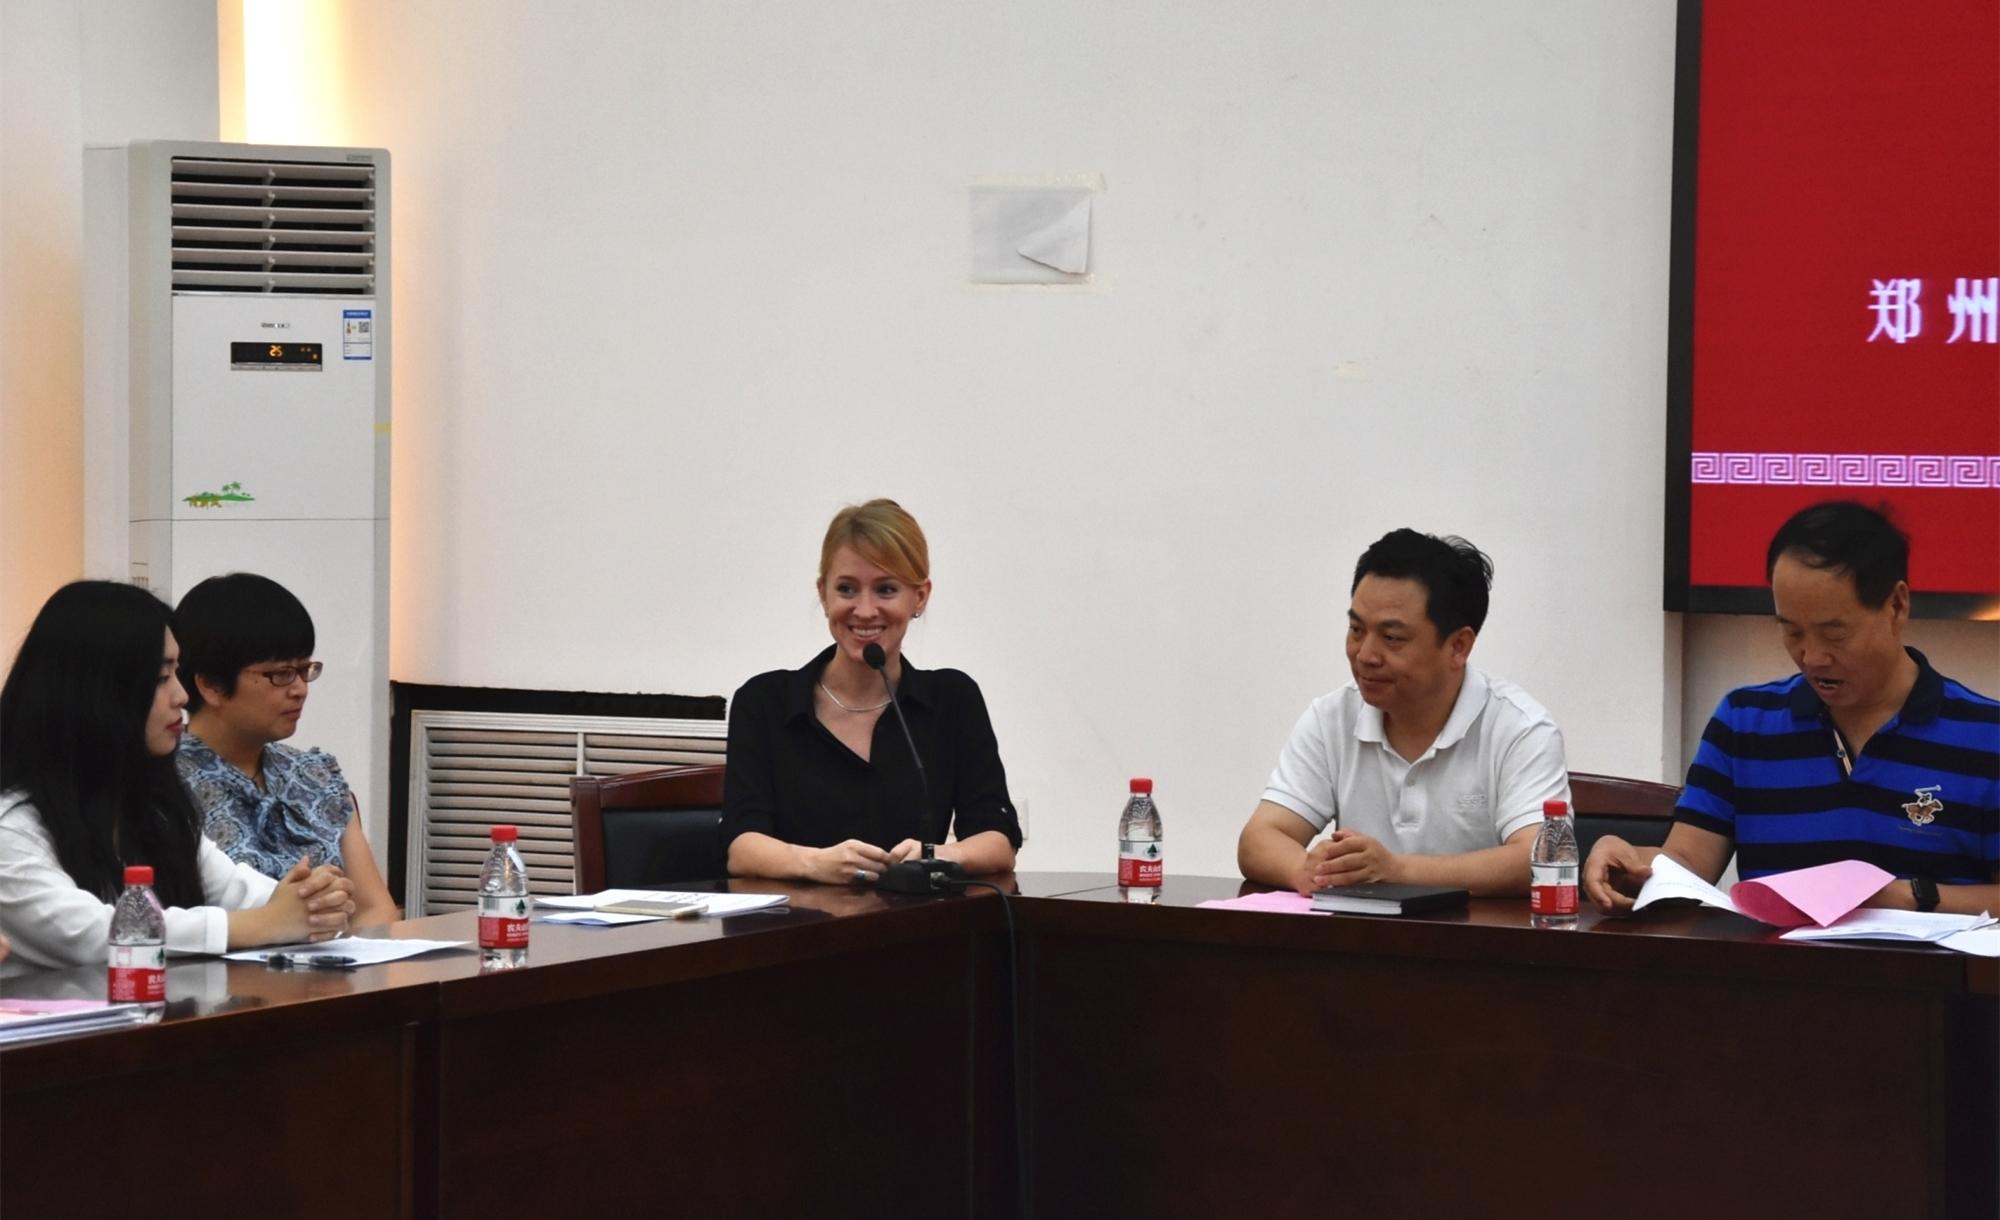 DSC 0234 - 郑州市2018年高中英语骨干教师高级研修班培训正式启动